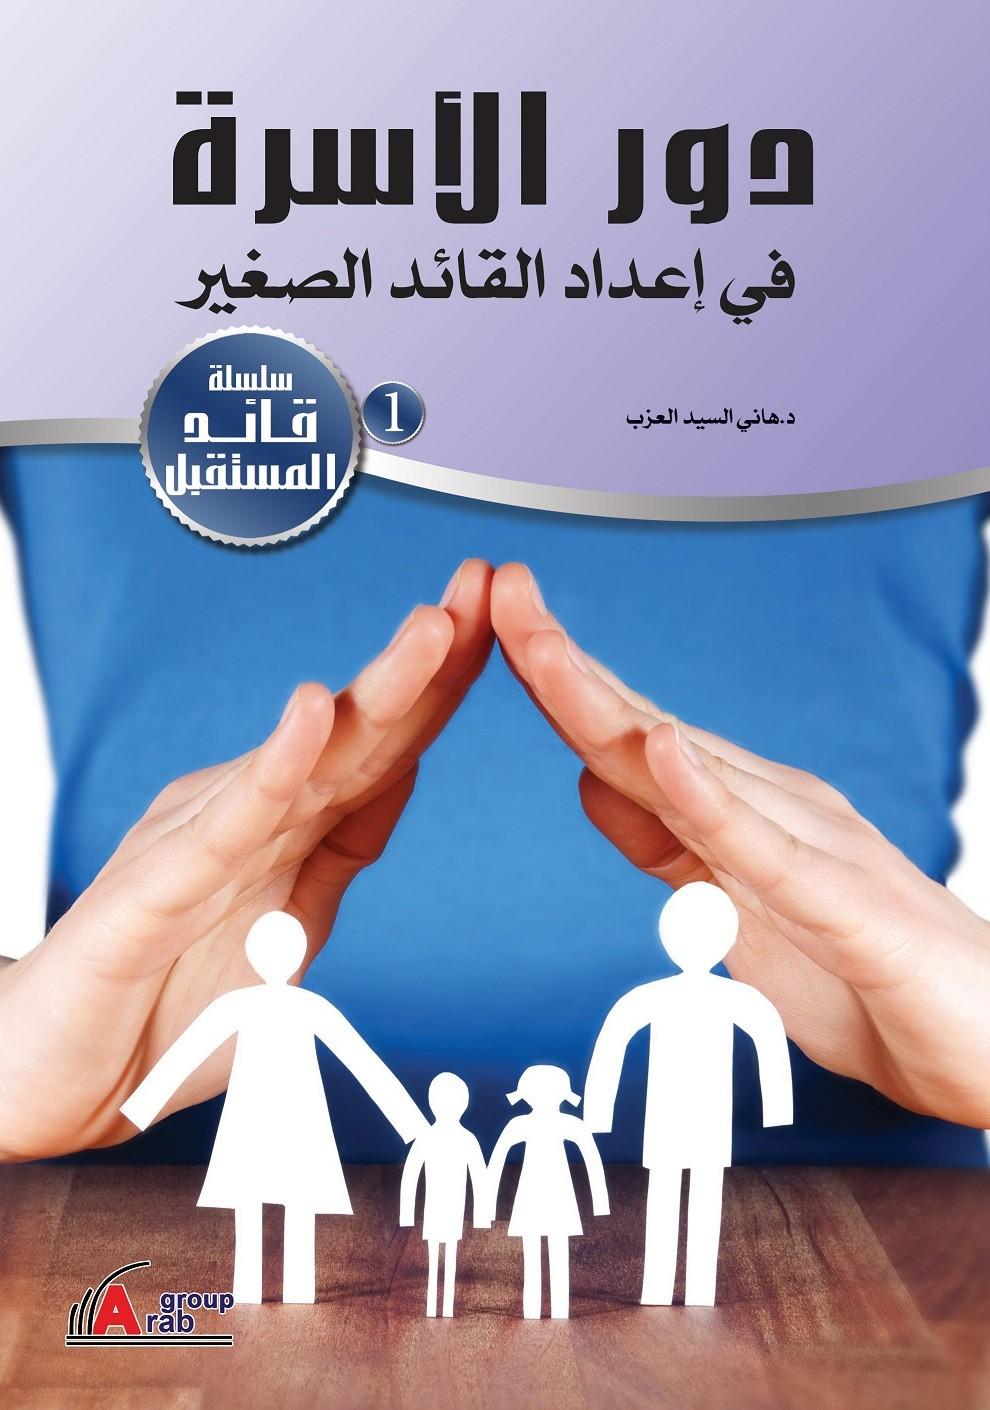 دور الأسرة في إعداد القائد الصغير